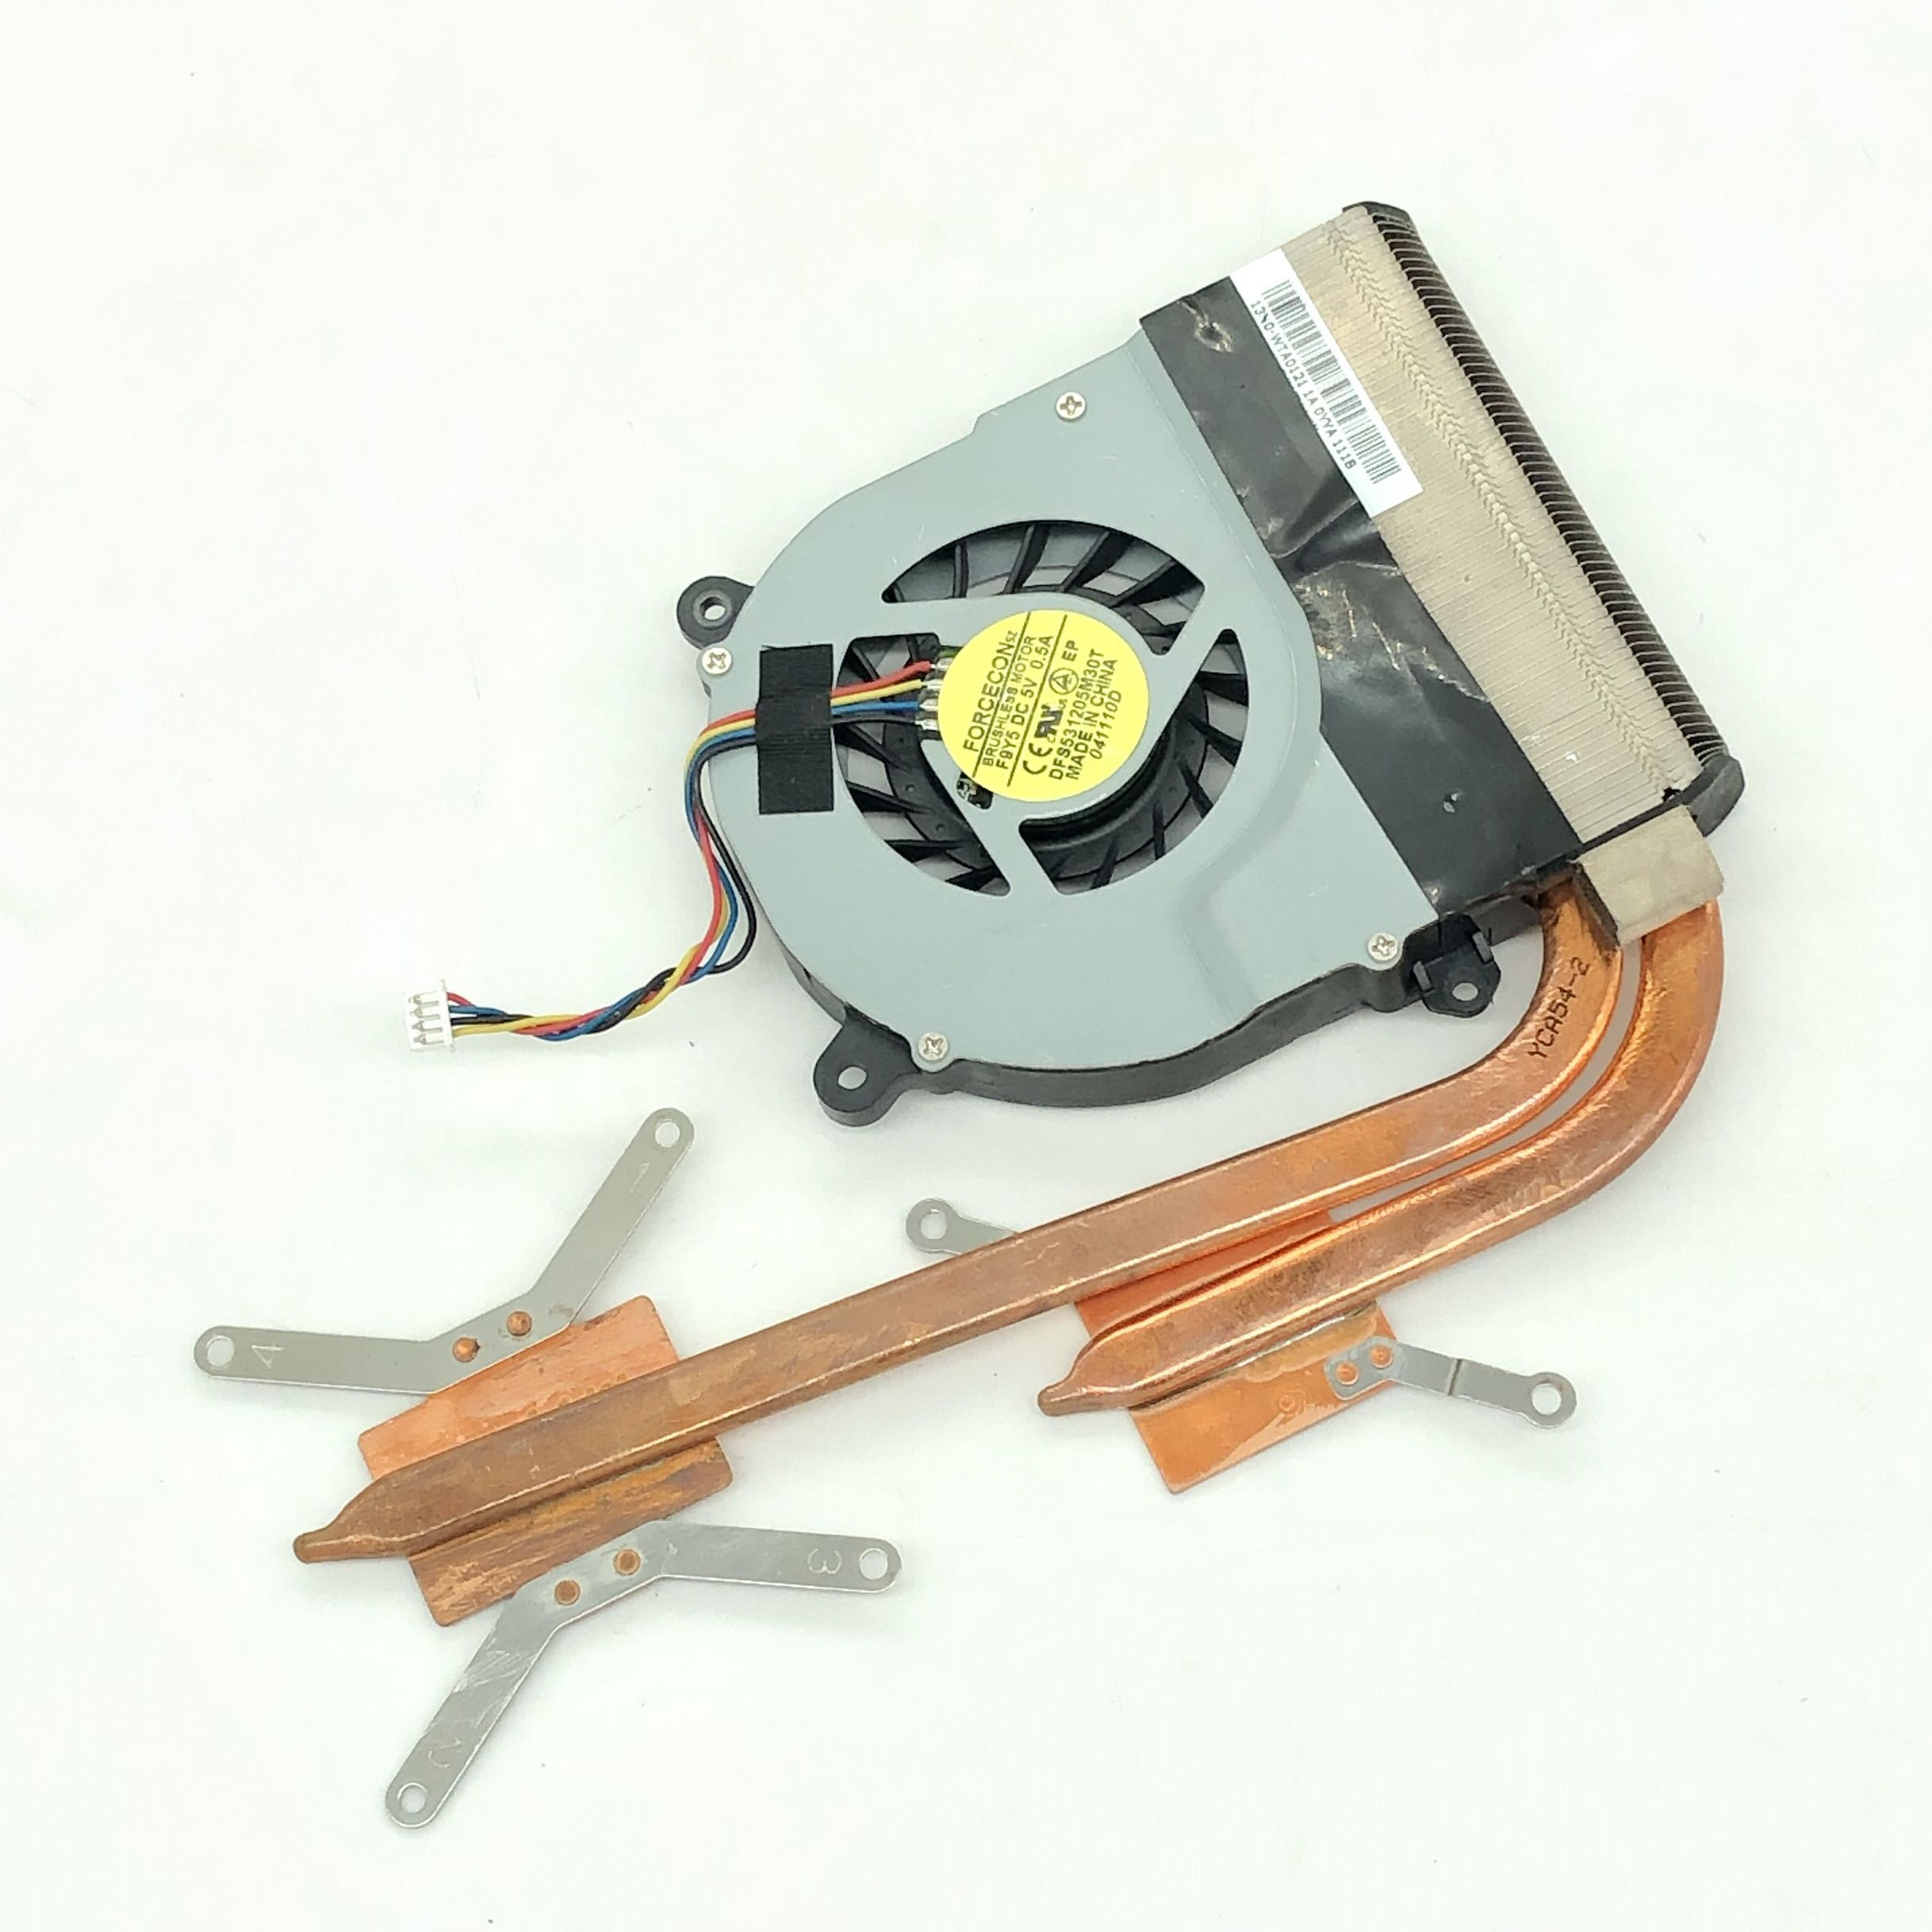 13N0-WTA0121 13n0-wea0g01 全新方正 R430IG E400 风扇 R430-T0001 散热片 散热器 导热铜管